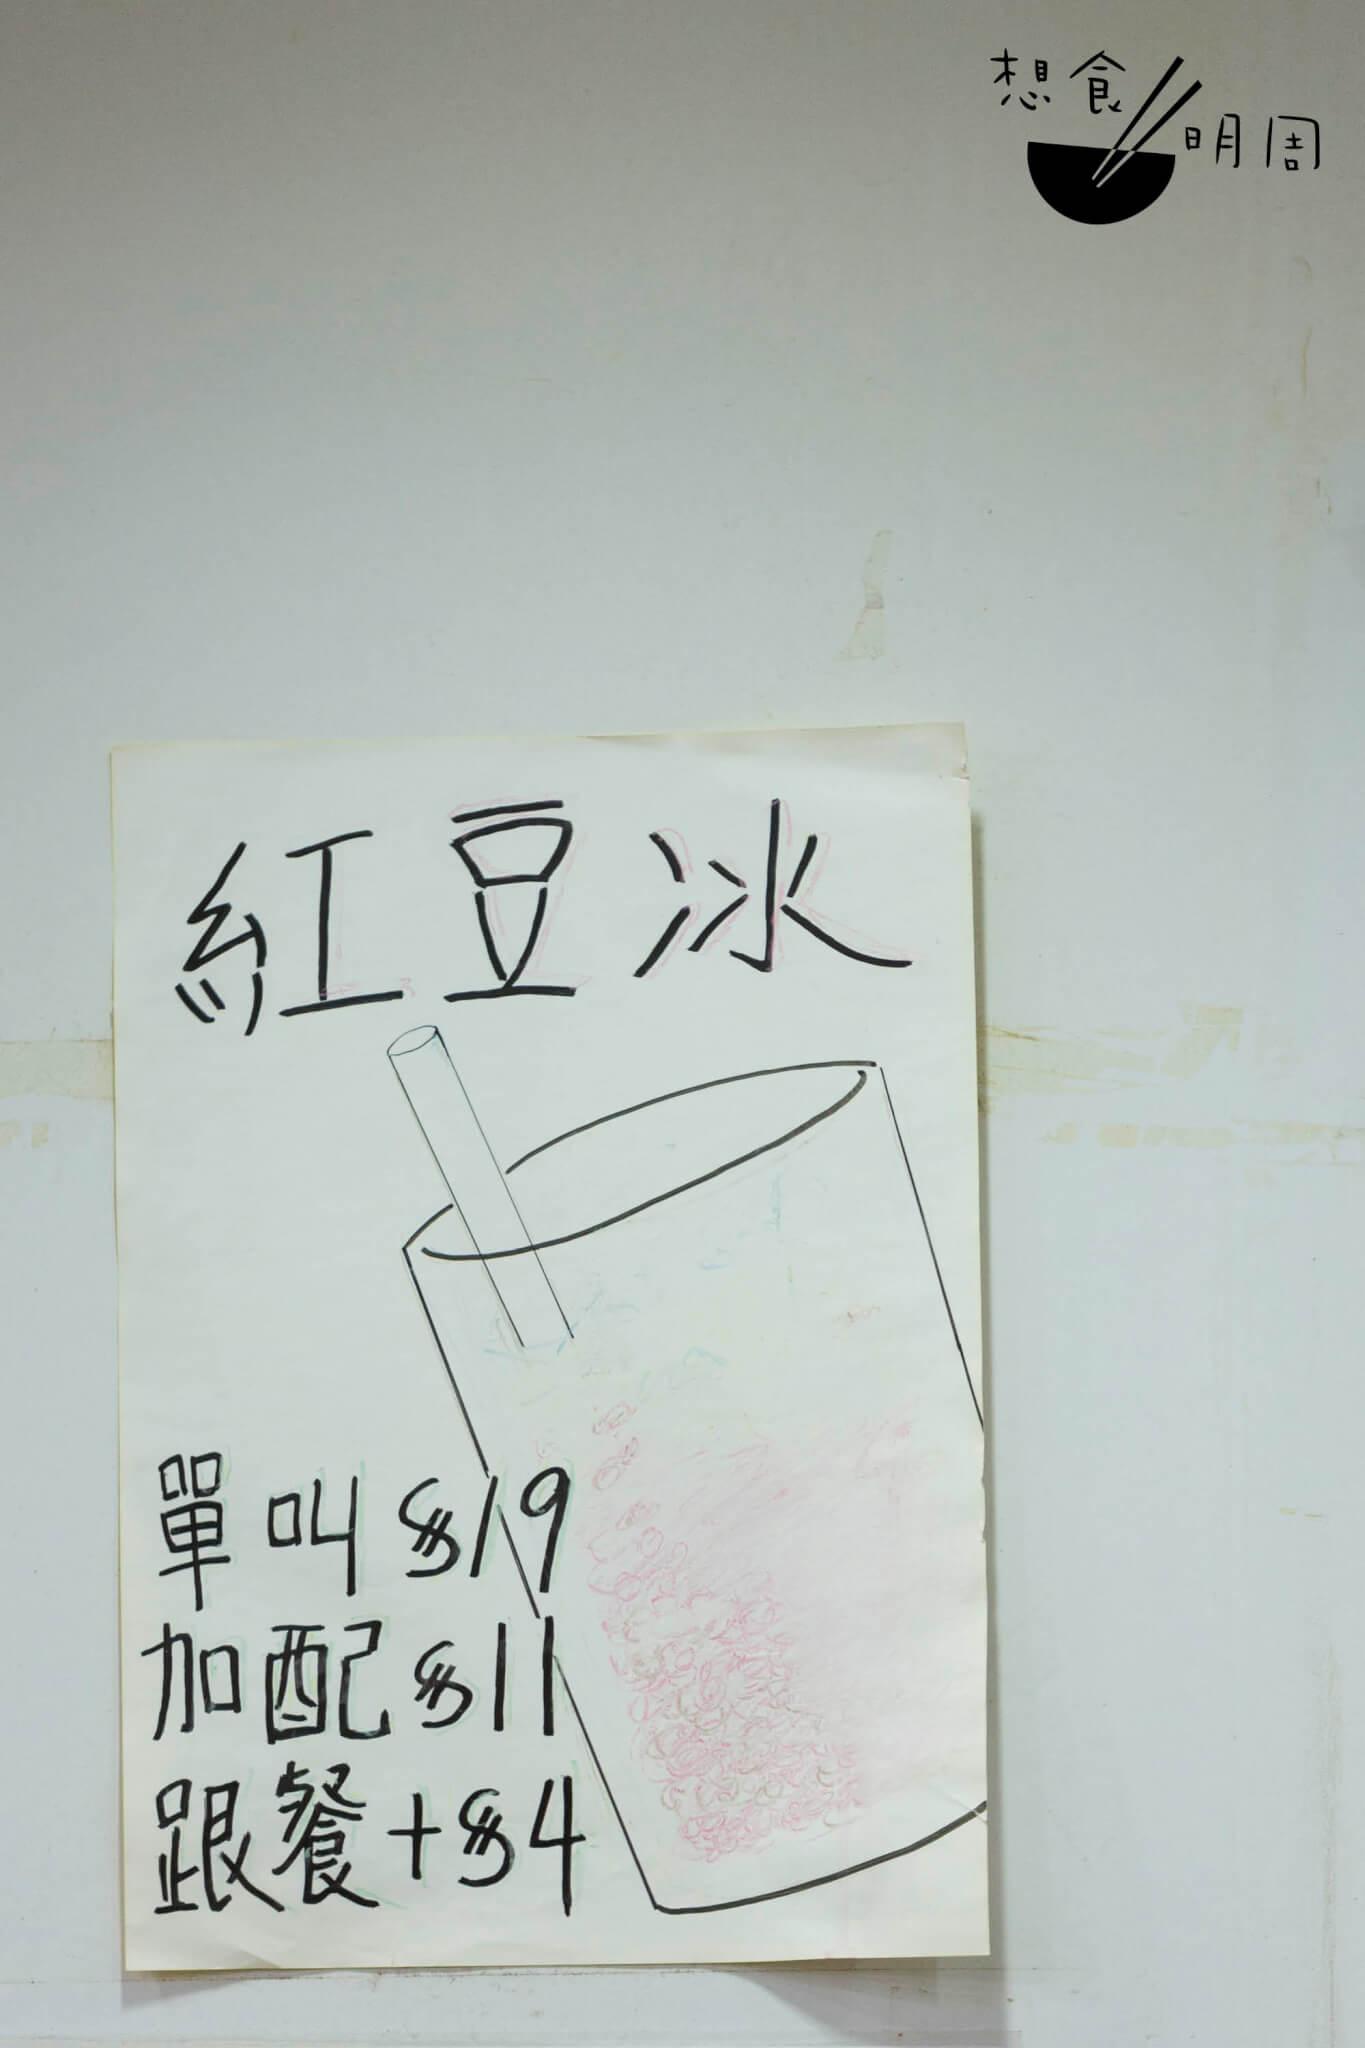 炸髀在數月前成為名物後,餐廳徇眾要求炮製紅豆冰,夥計用A4紙畫了幅臨時餐牌介紹新品,後來一直貼着。「炸髀+紅豆冰+西 多士」是熱門組合,阿鎽猜想可能鹹鹹甜甜,吃得最過癮。